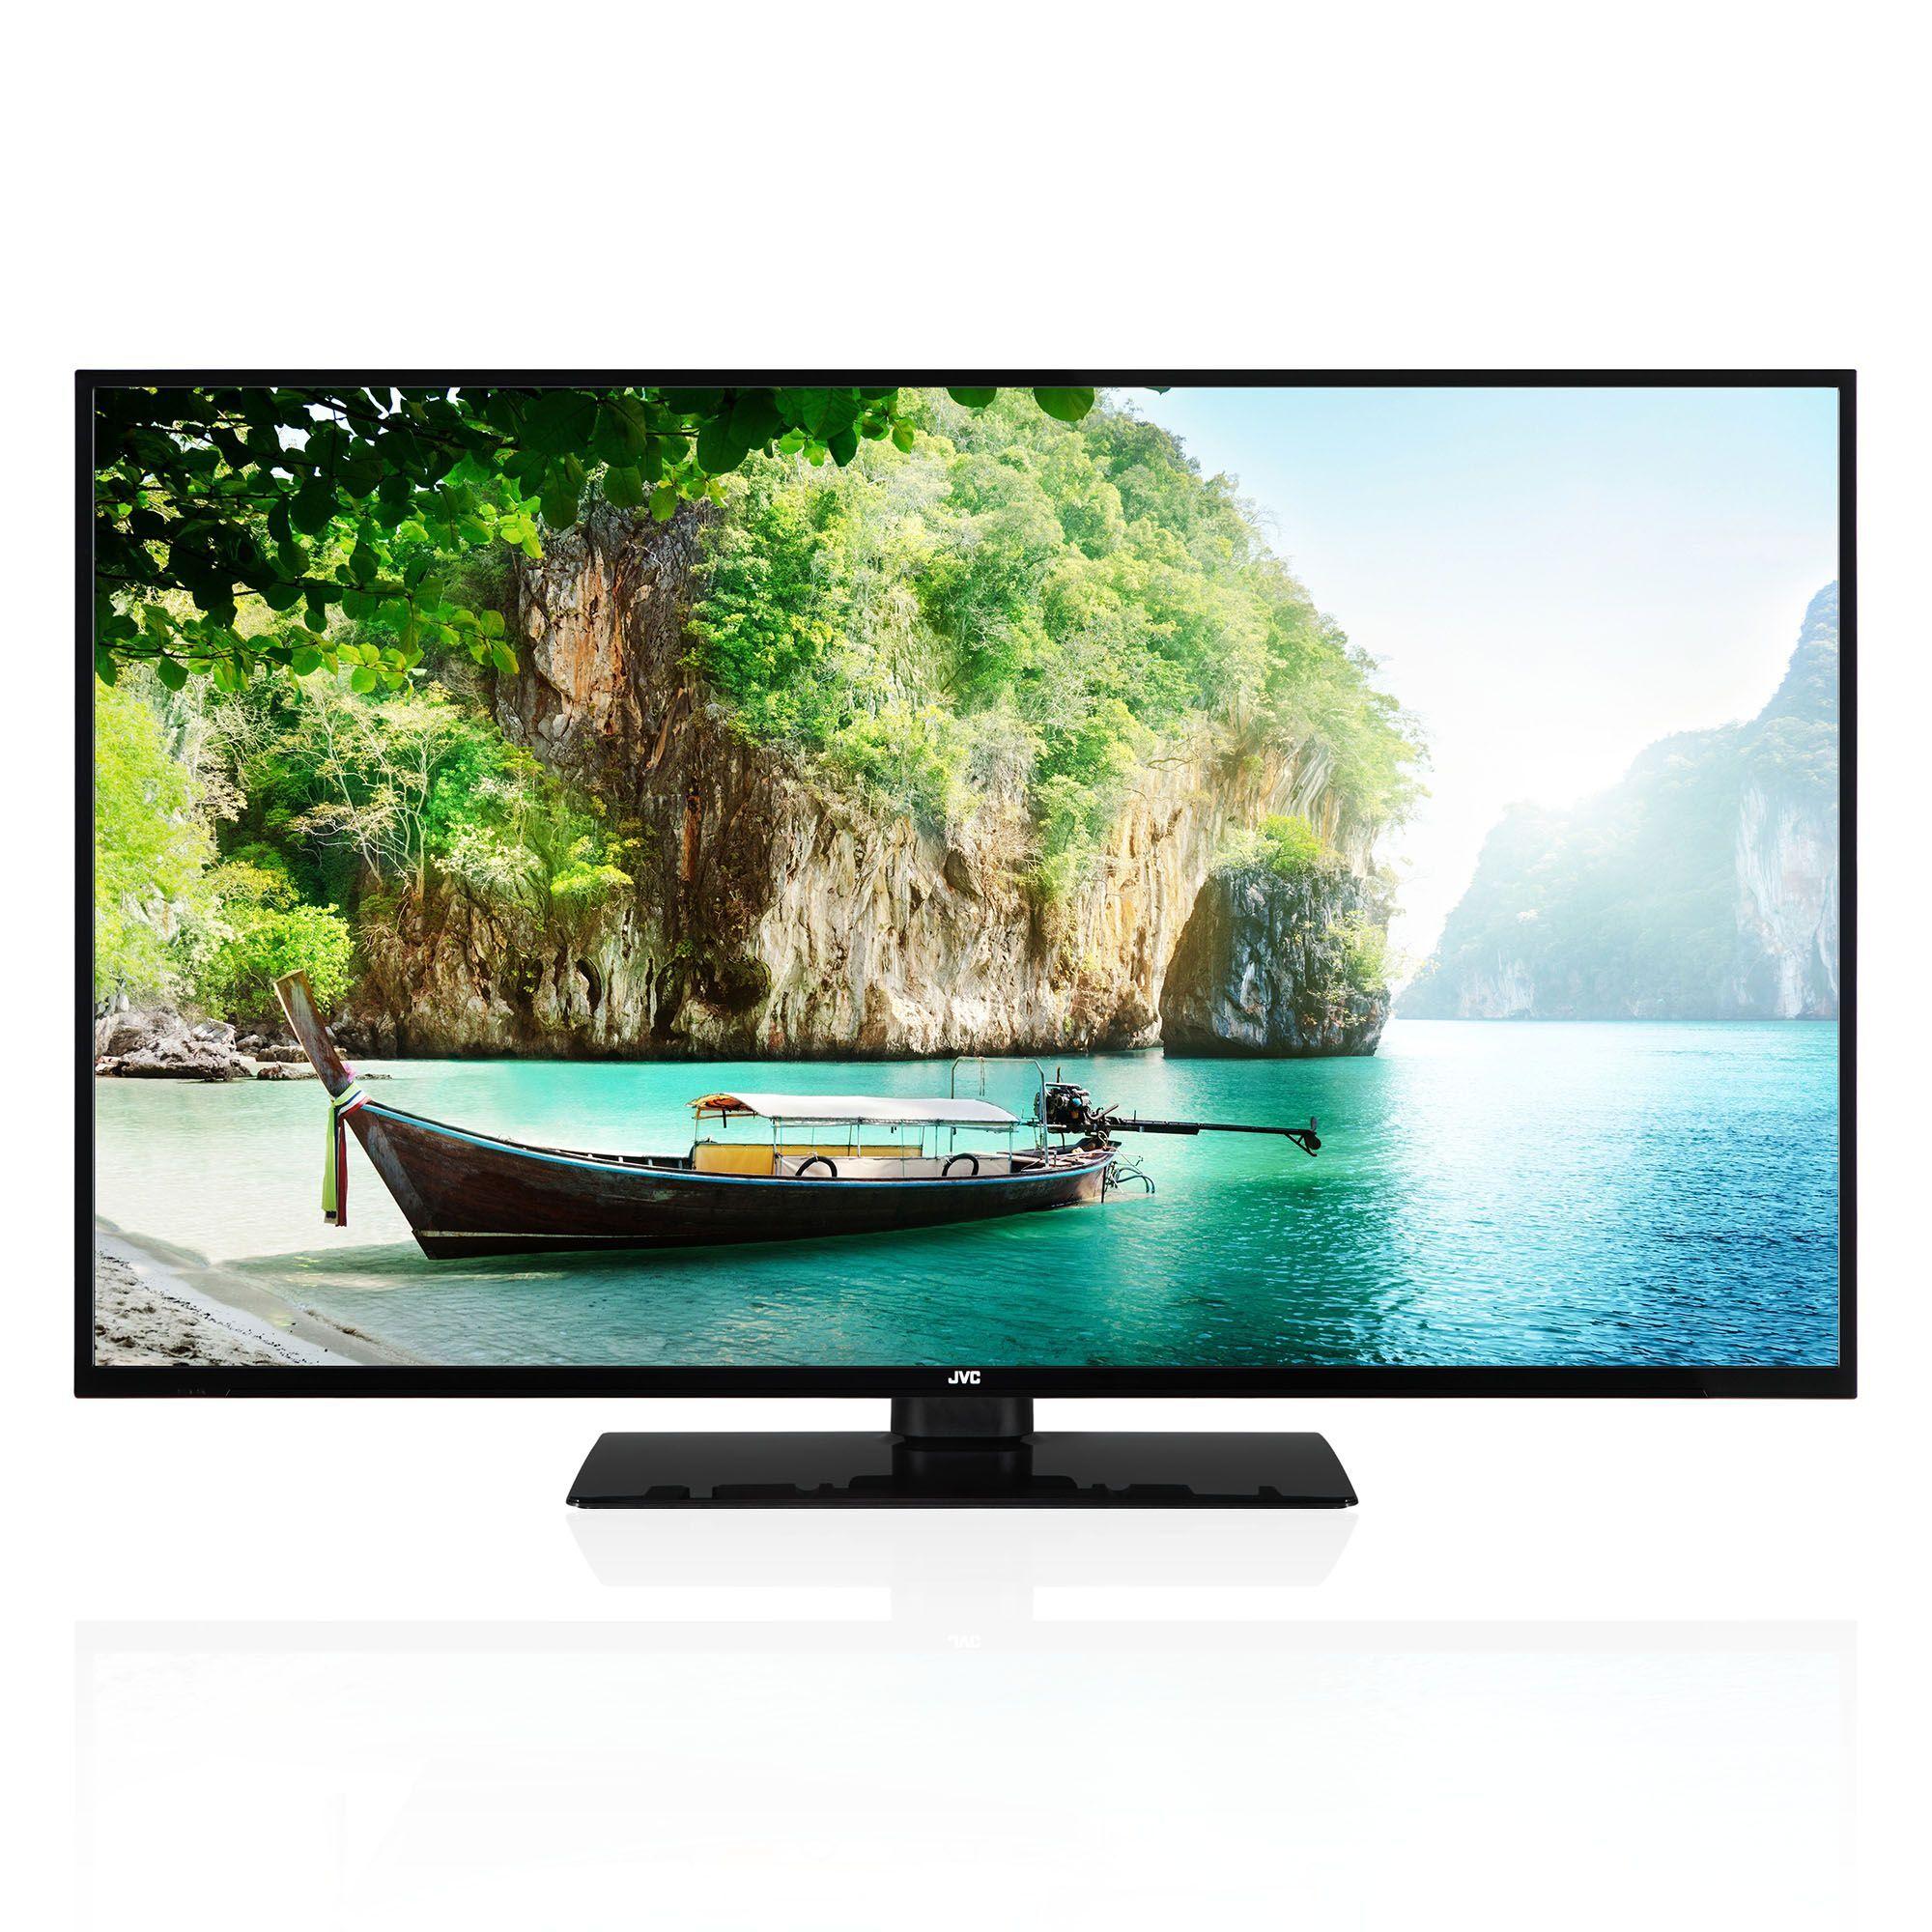 JVC LT-43VU63I Smart TV LED 43'' Ultra HD